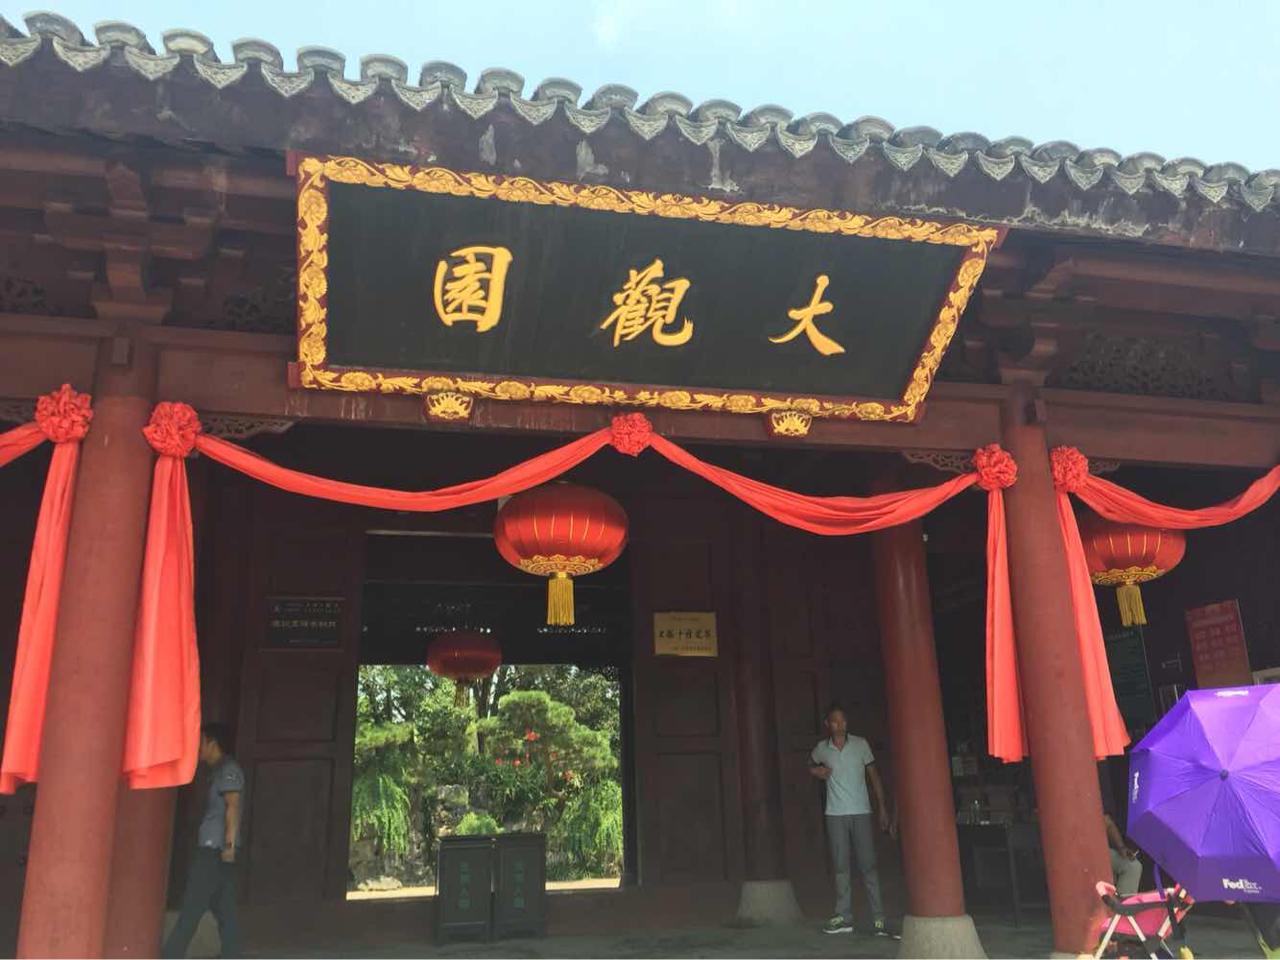 上海景点门票上海景点门票青浦大观园本点评由lv1381661****吗性冷淡情趣用品治疗图片